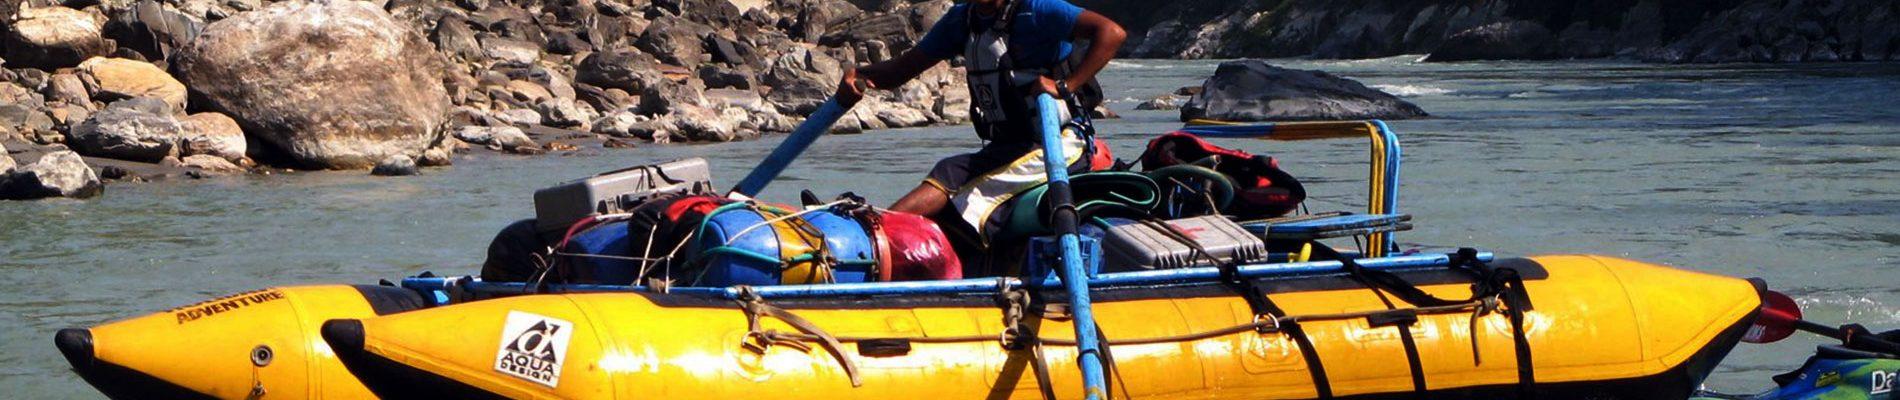 Nepal: Kali Gandaki River Rafting